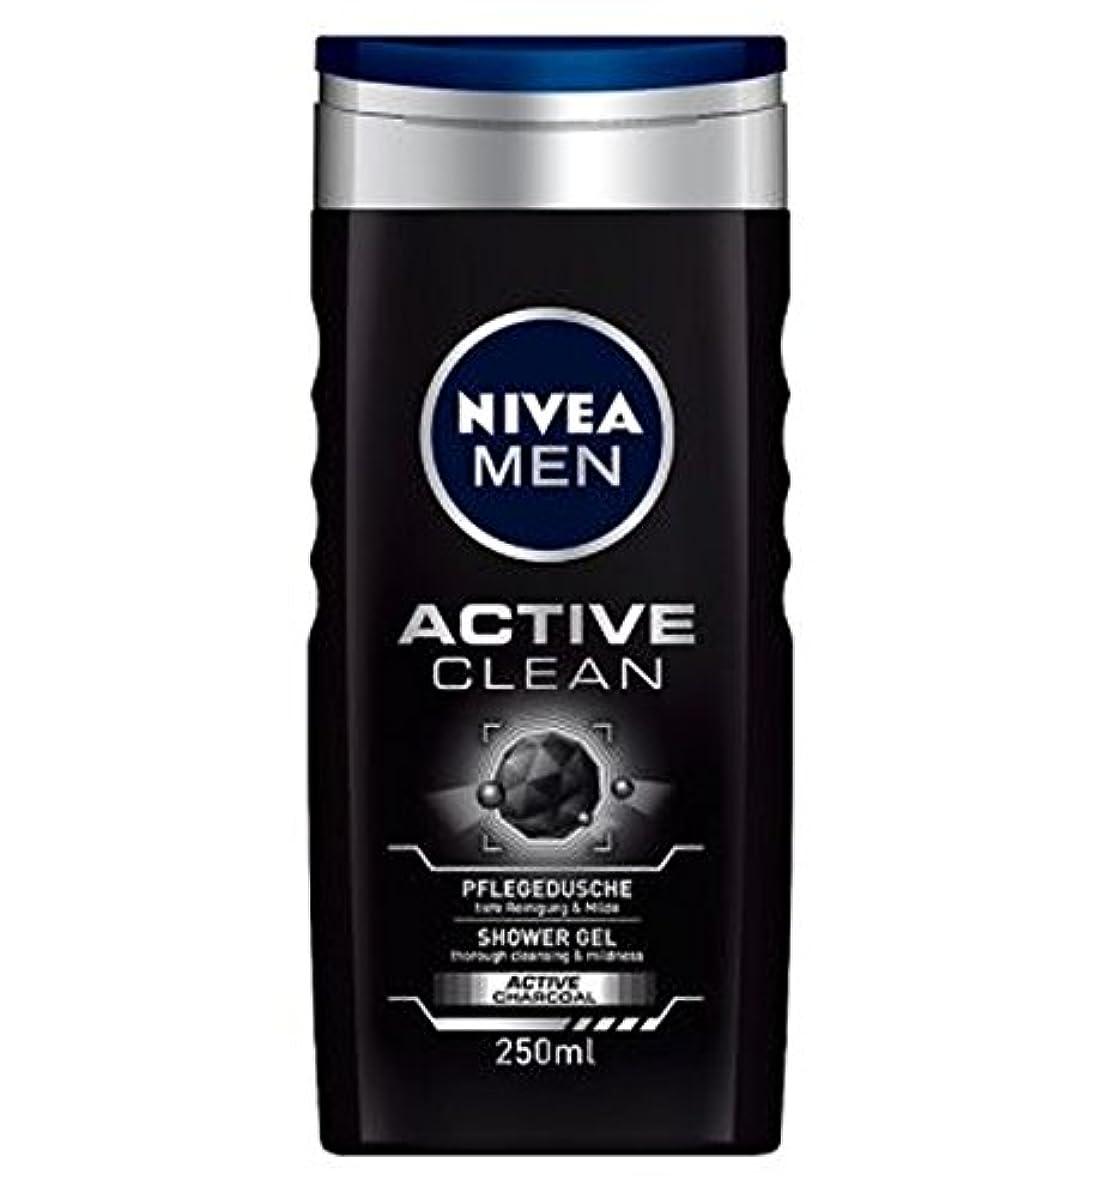 郡飼い慣らす可聴NIVEA MEN Active Clean Shower Gel 250ml - ニベアの男性アクティブクリーンシャワージェル250ミリリットル (Nivea) [並行輸入品]